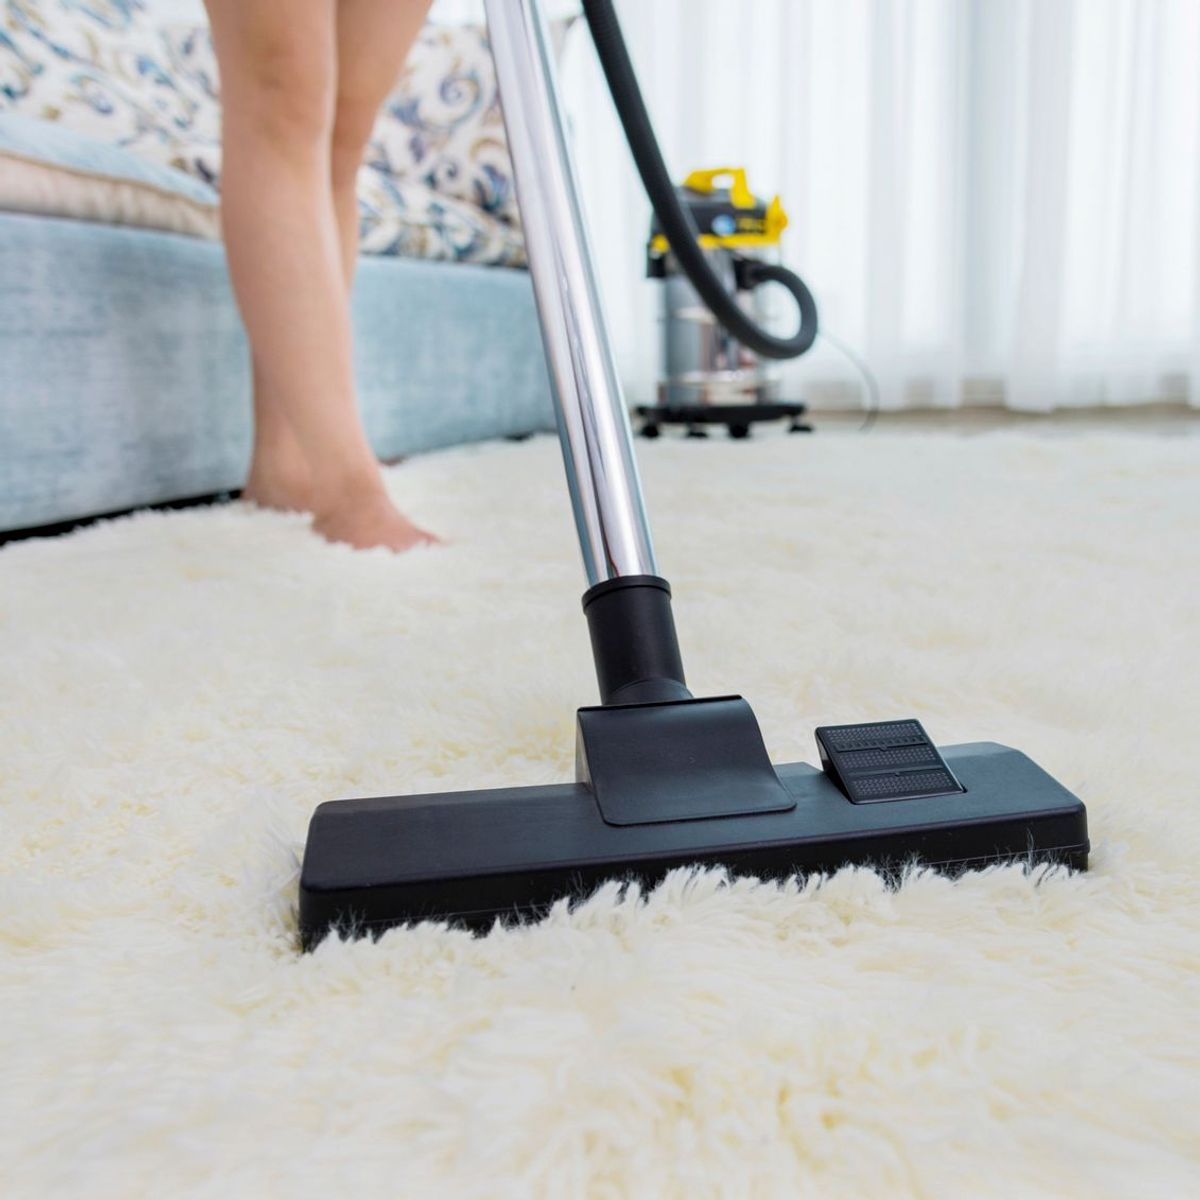 comment bien nettoyer un tapis